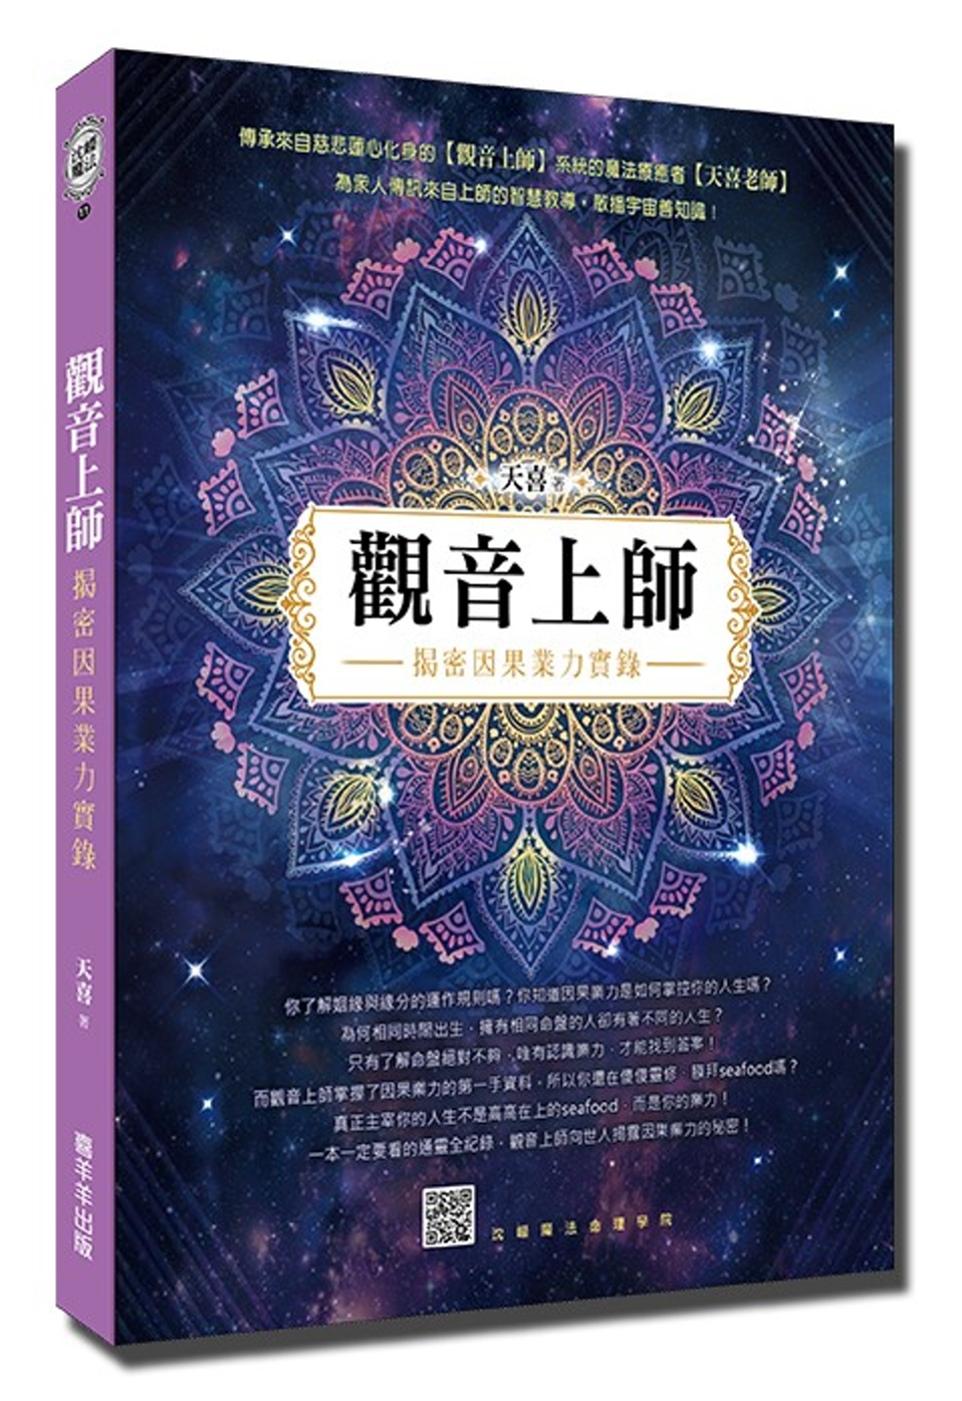 《觀音上師:揭密因果業力實錄》 商品條碼,ISBN:9789869330732